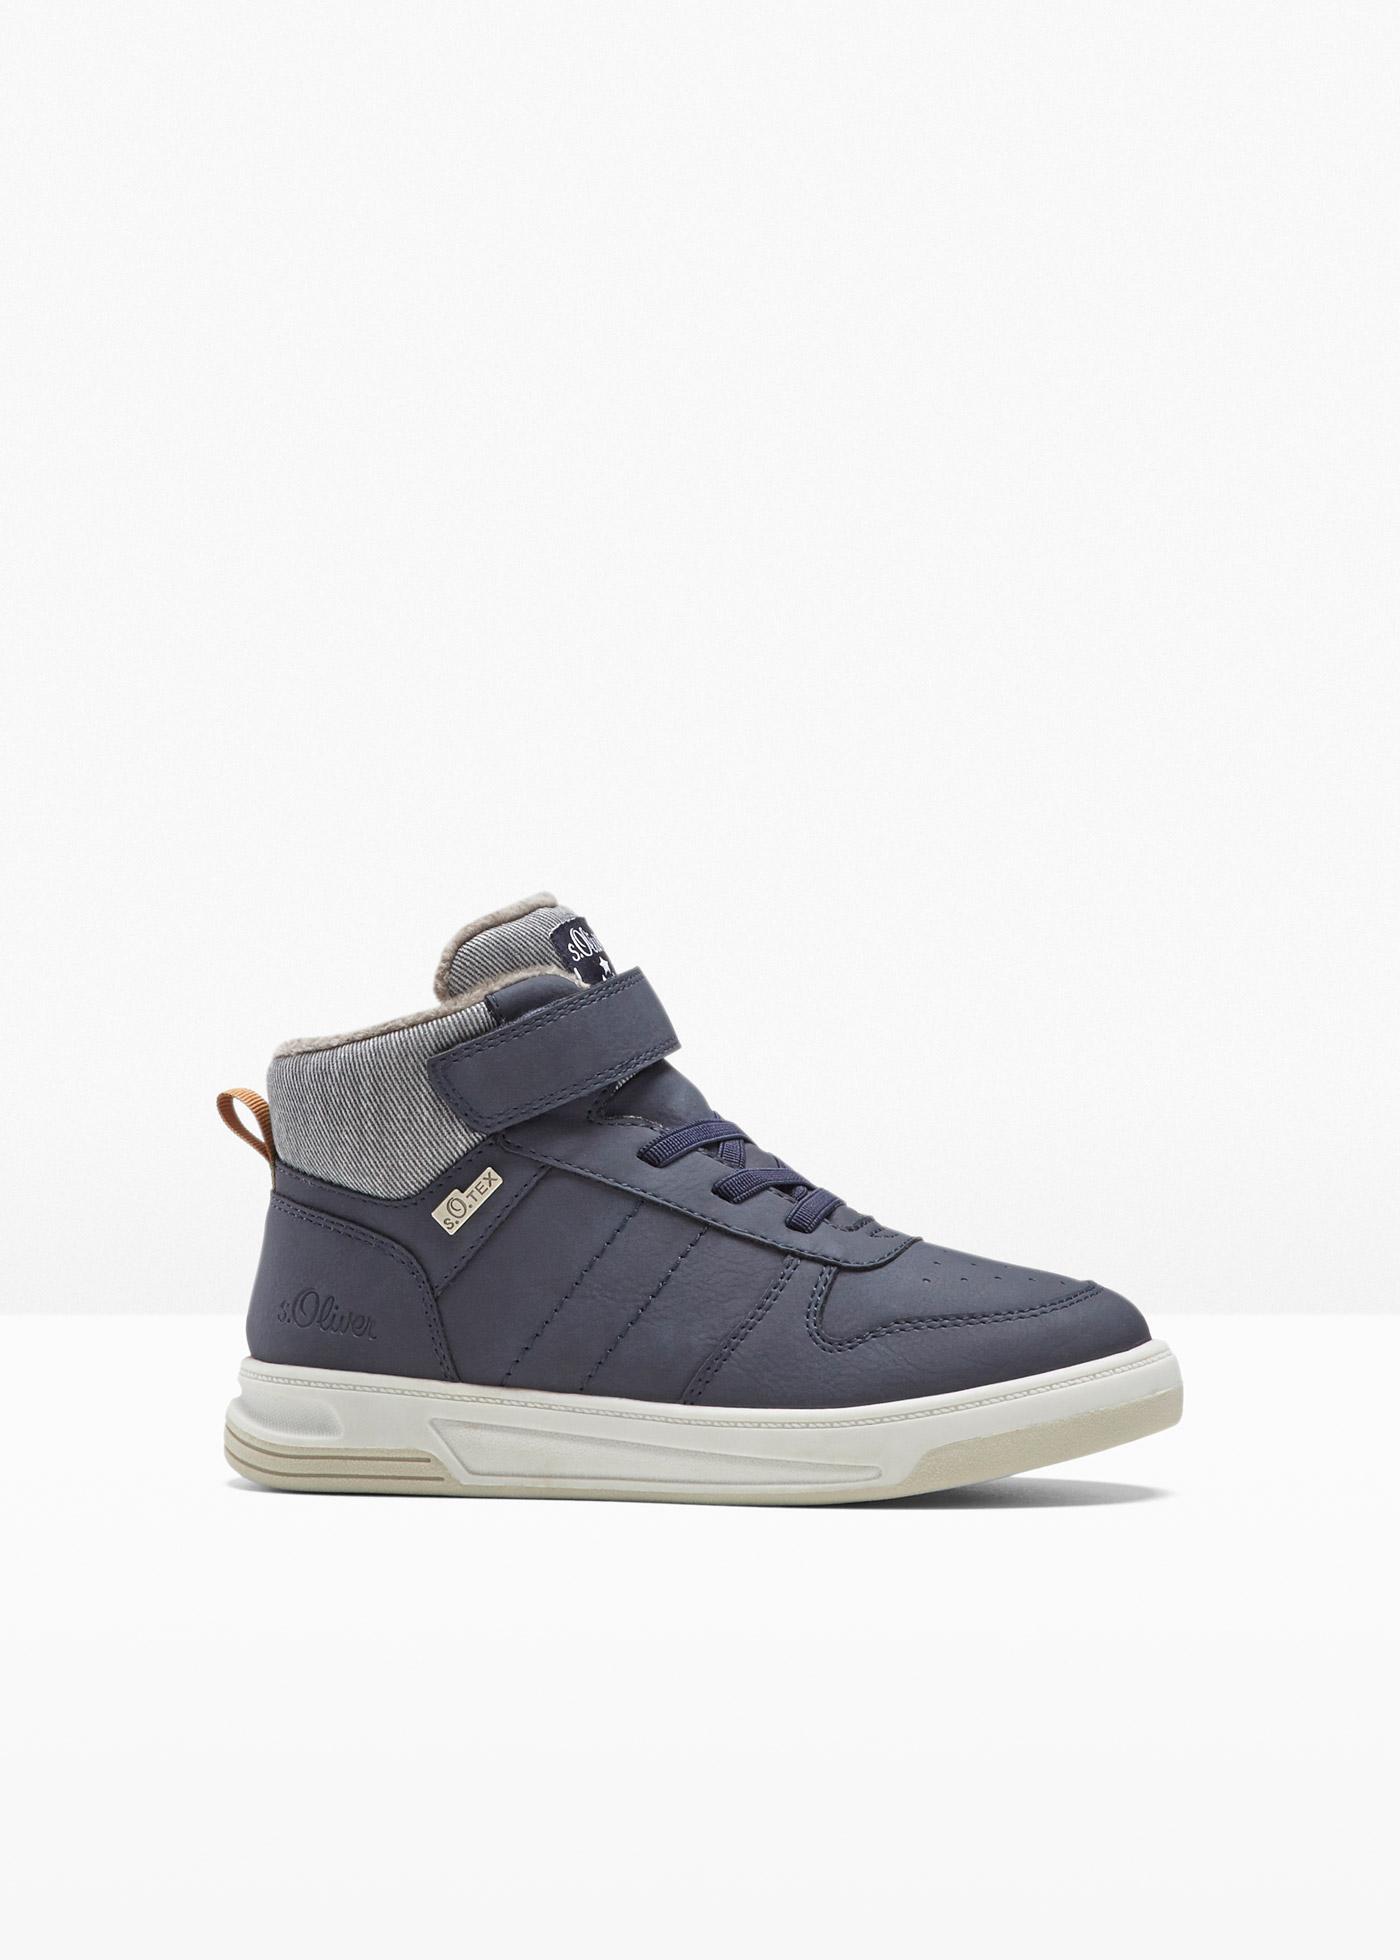 s.Oliver Kinder High top Sneaker